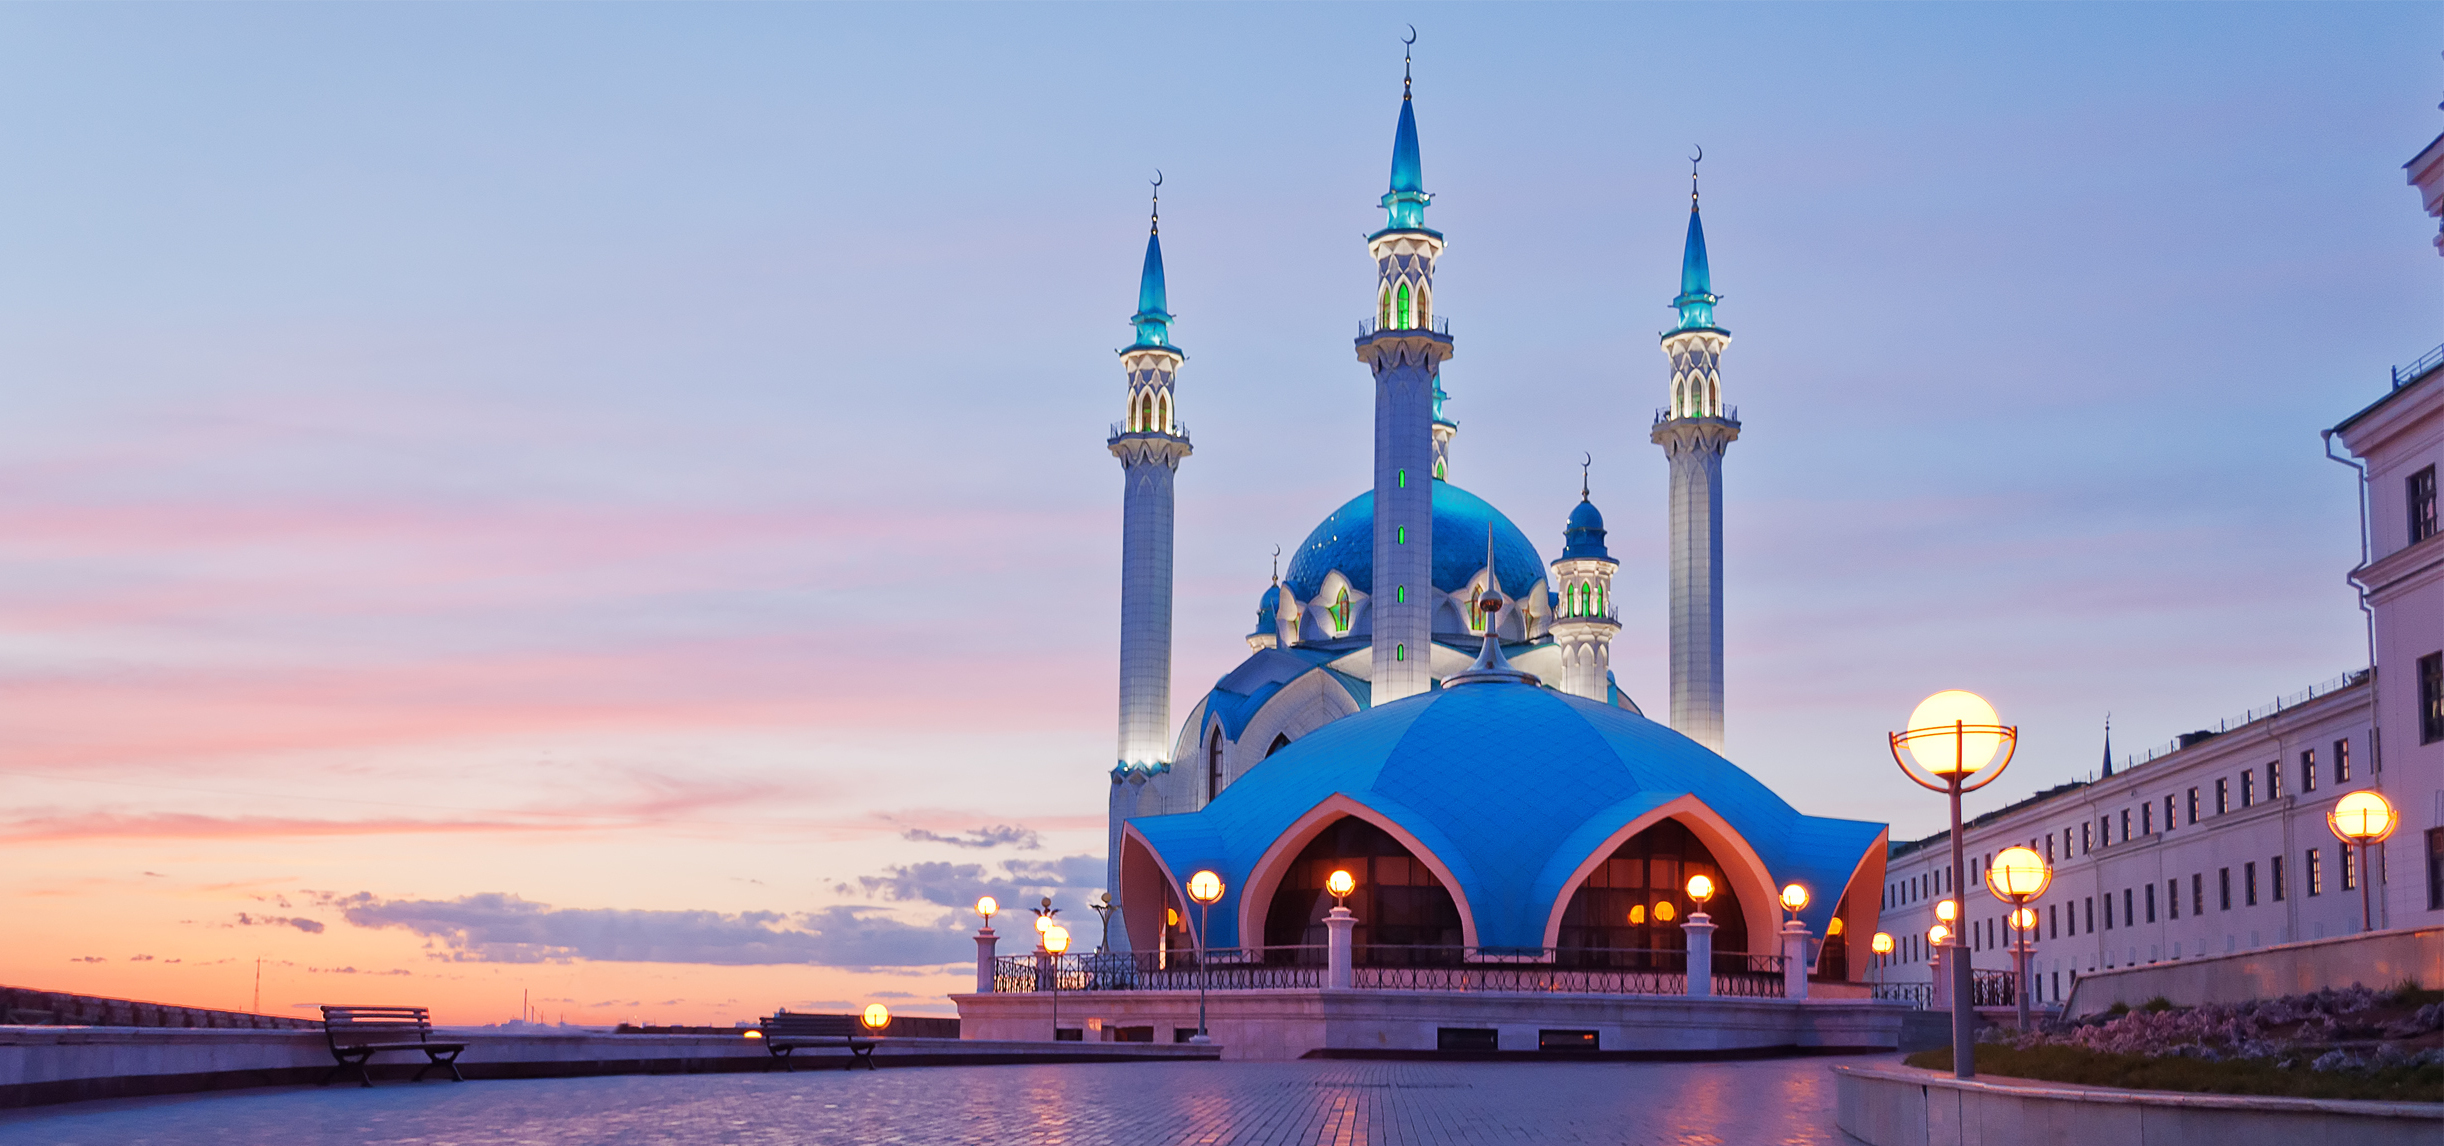 Мечеть в казани обои на рабочий стол